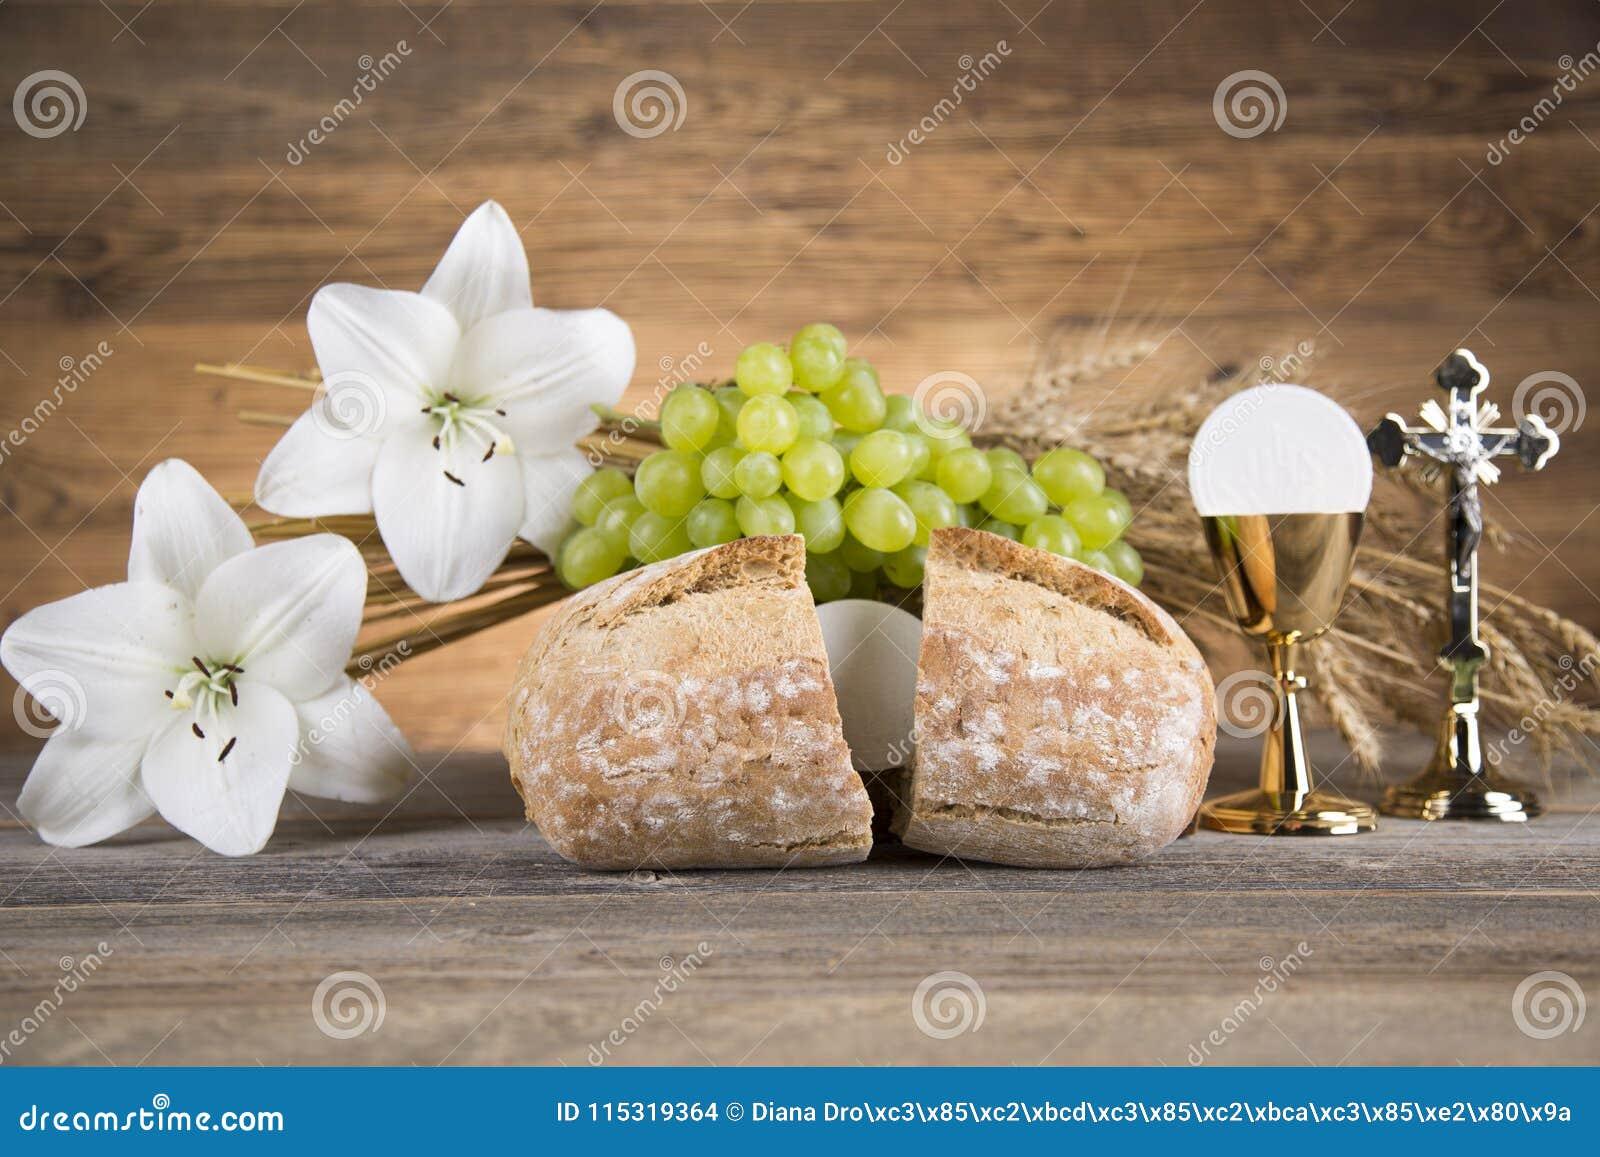 Symbol des heiligen Abendmahl des Brotes und des Weins, des Messkelches und des Wirtes, erster comm